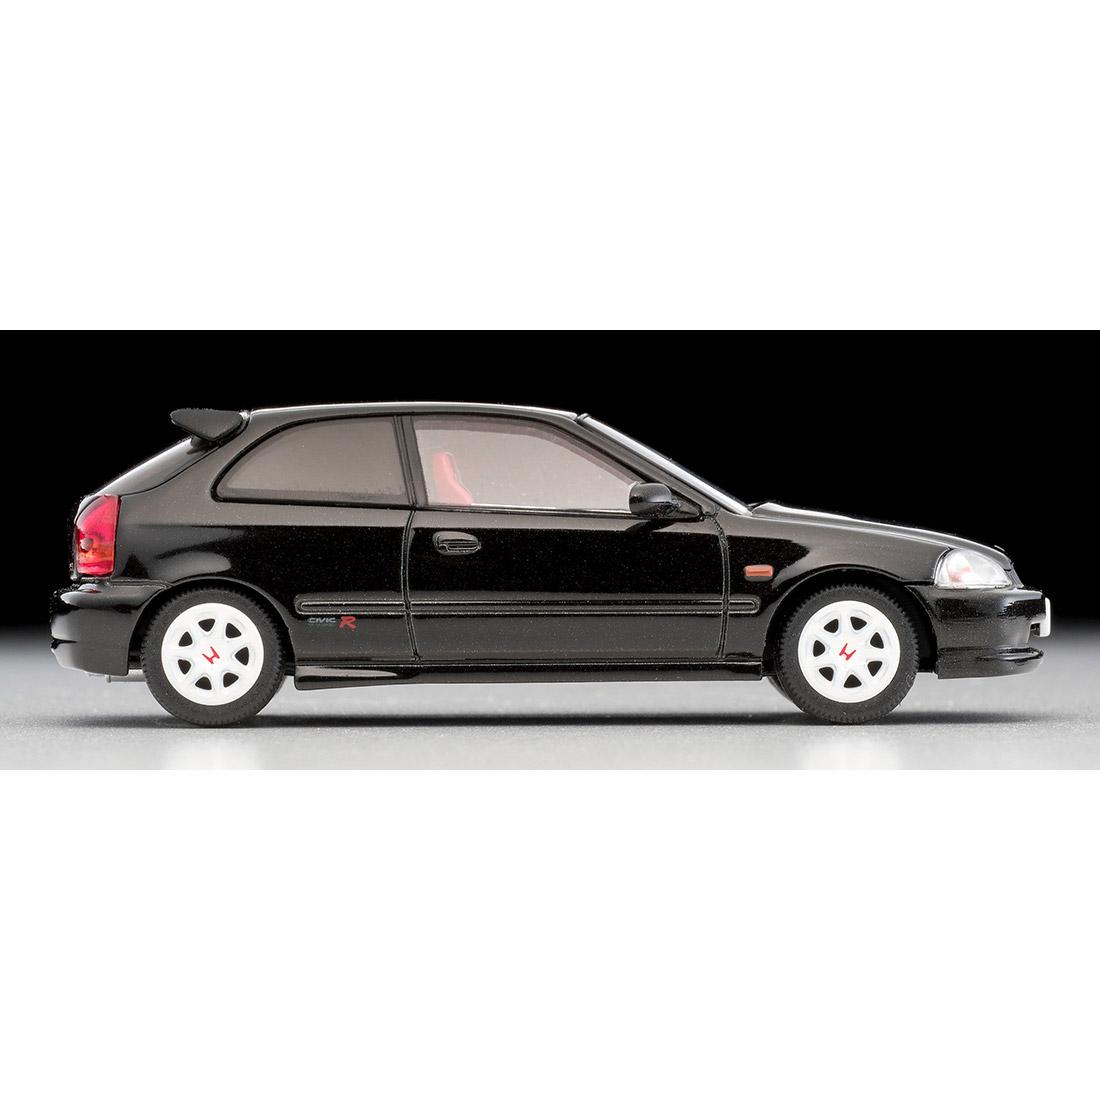 トミカリミテッド ヴィンテージ ネオ TLV-NEO『LV-N158c ホンダ シビック タイプR 97年式(黒)』1/64 ミニカー-007